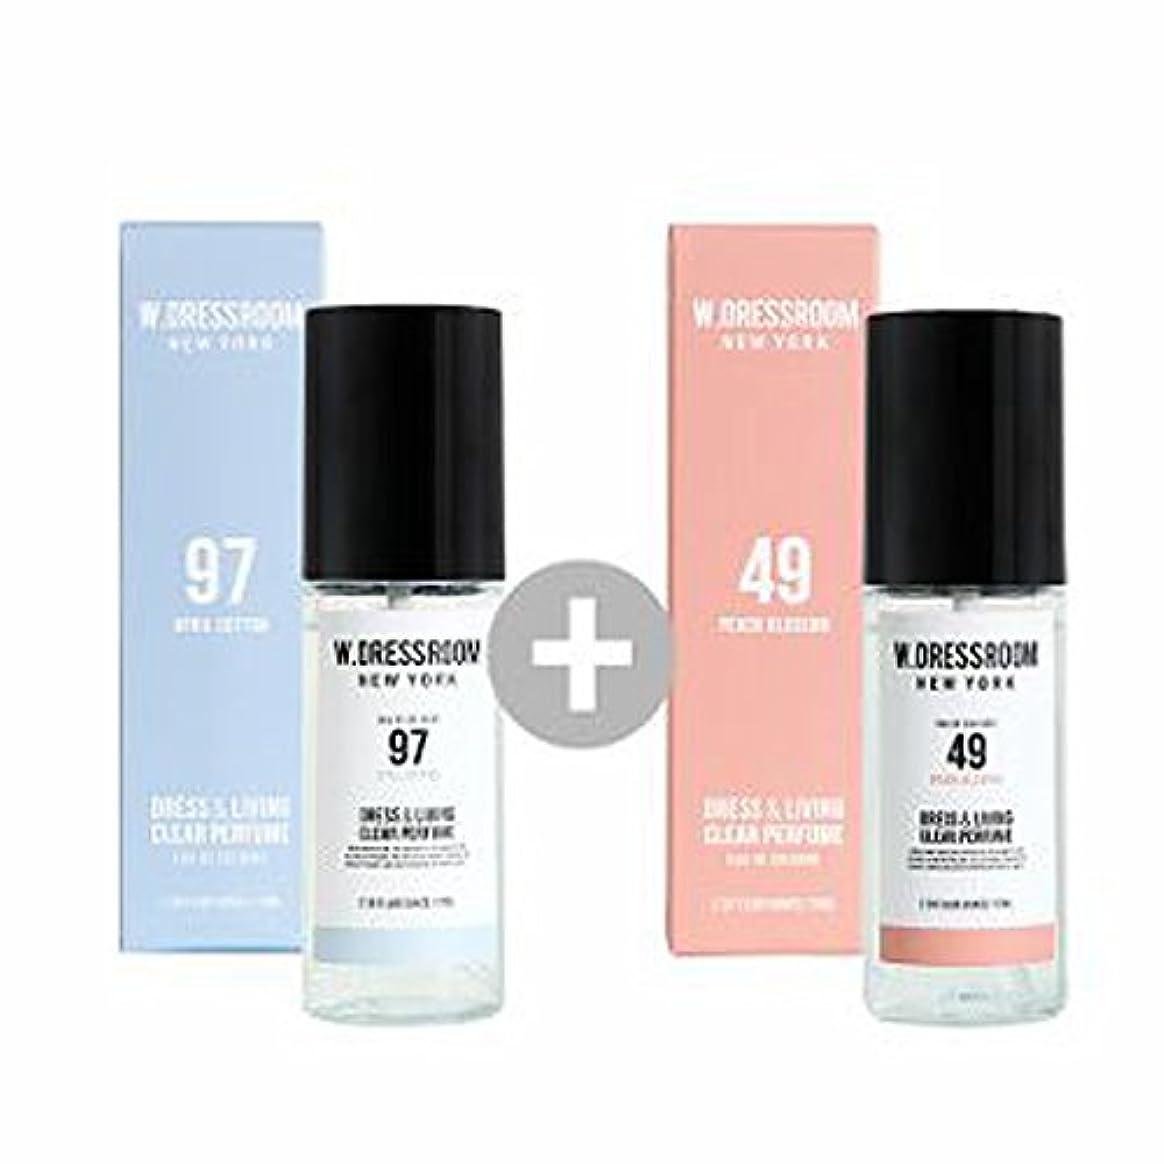 適用済みイブニング階層W.DRESSROOM Dress & Living Clear Perfume 70ml(No 97 April Cotton)+(No 49 Peach Blossom)